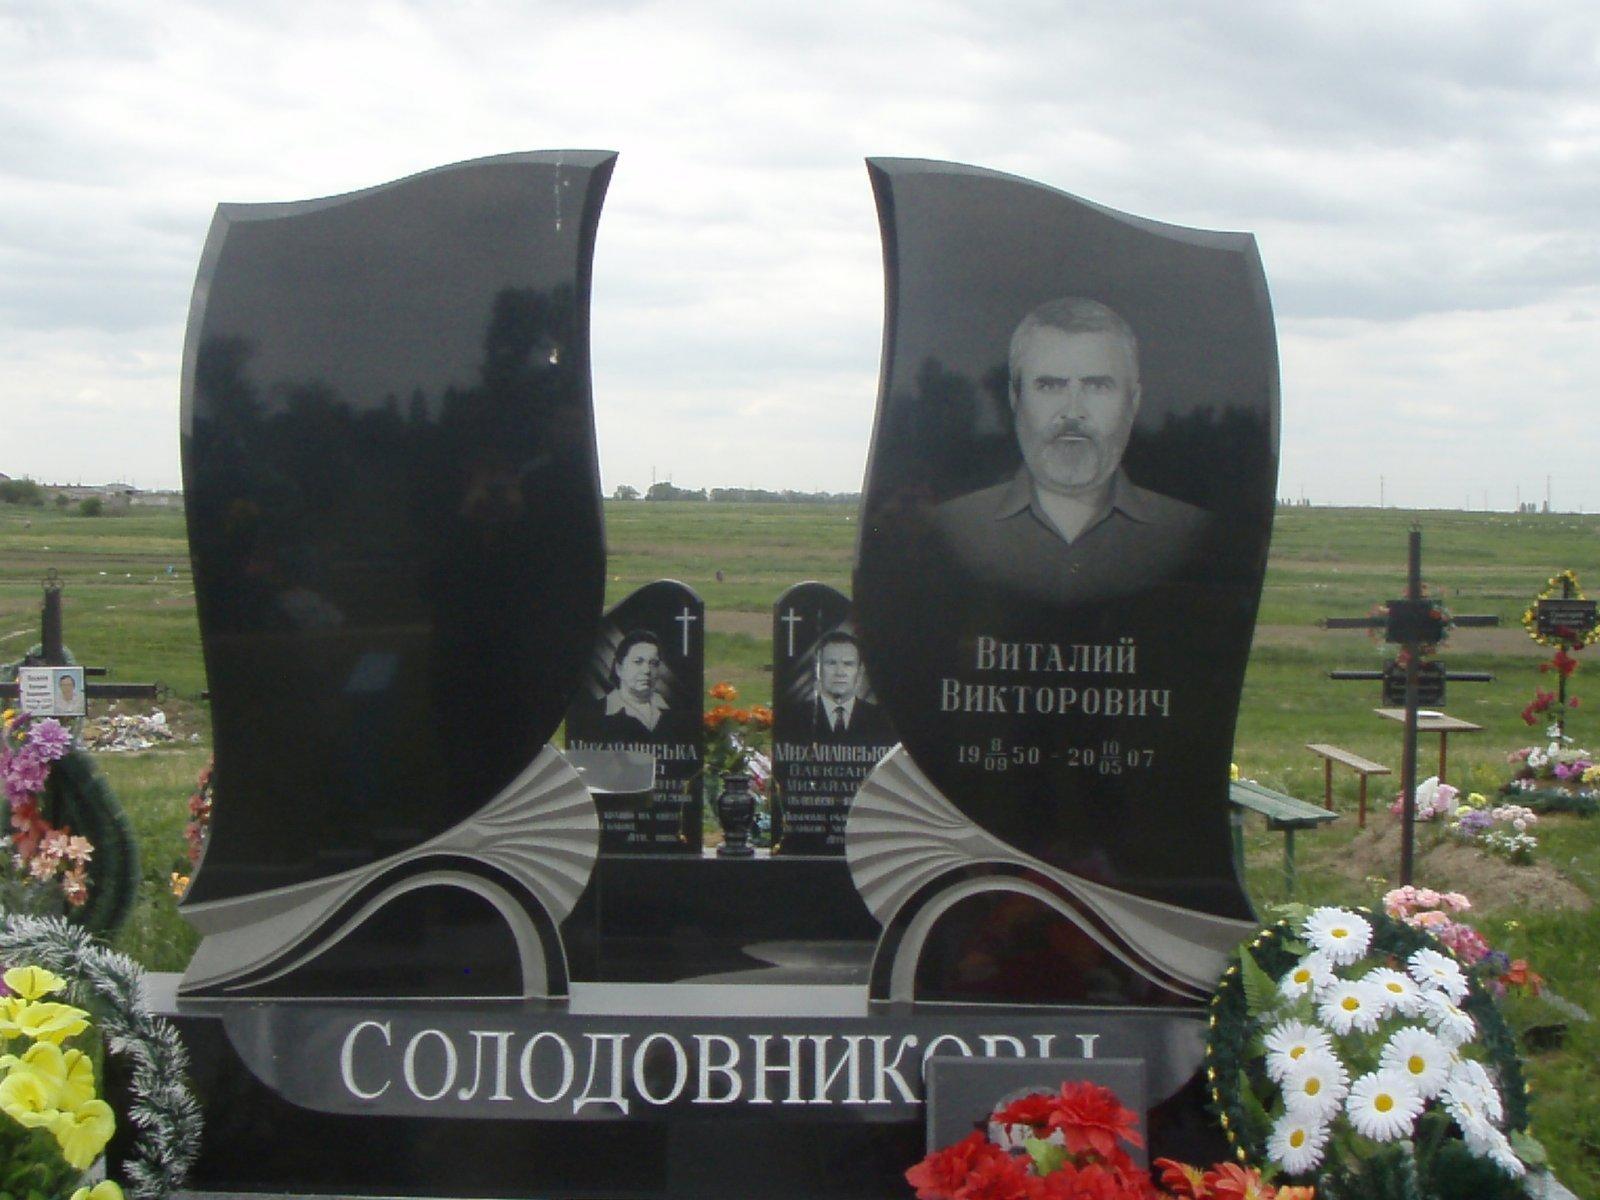 Двойные памятники на могилу фото и цены памятники москва на могилу